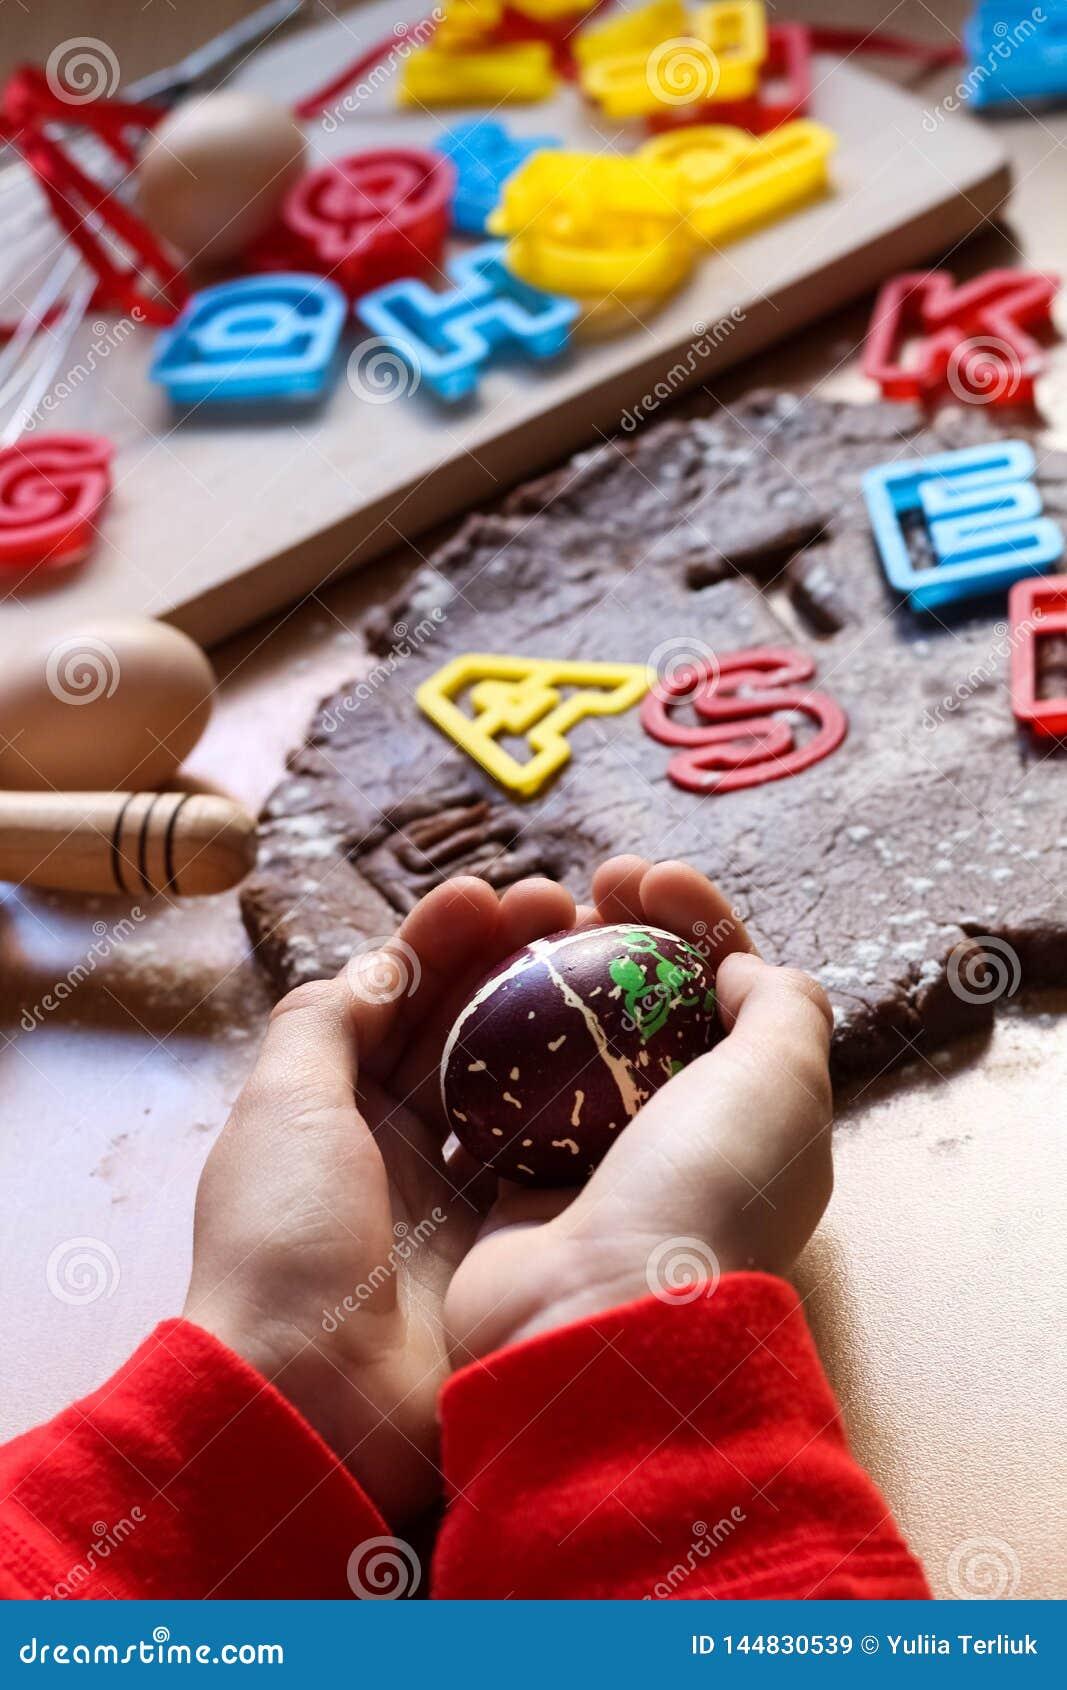 Las manos de los ni?os sostienen un huevo de Pascua adornado Cocinar las galletas tradicionales de Pascua Huevos de Pascua Concep